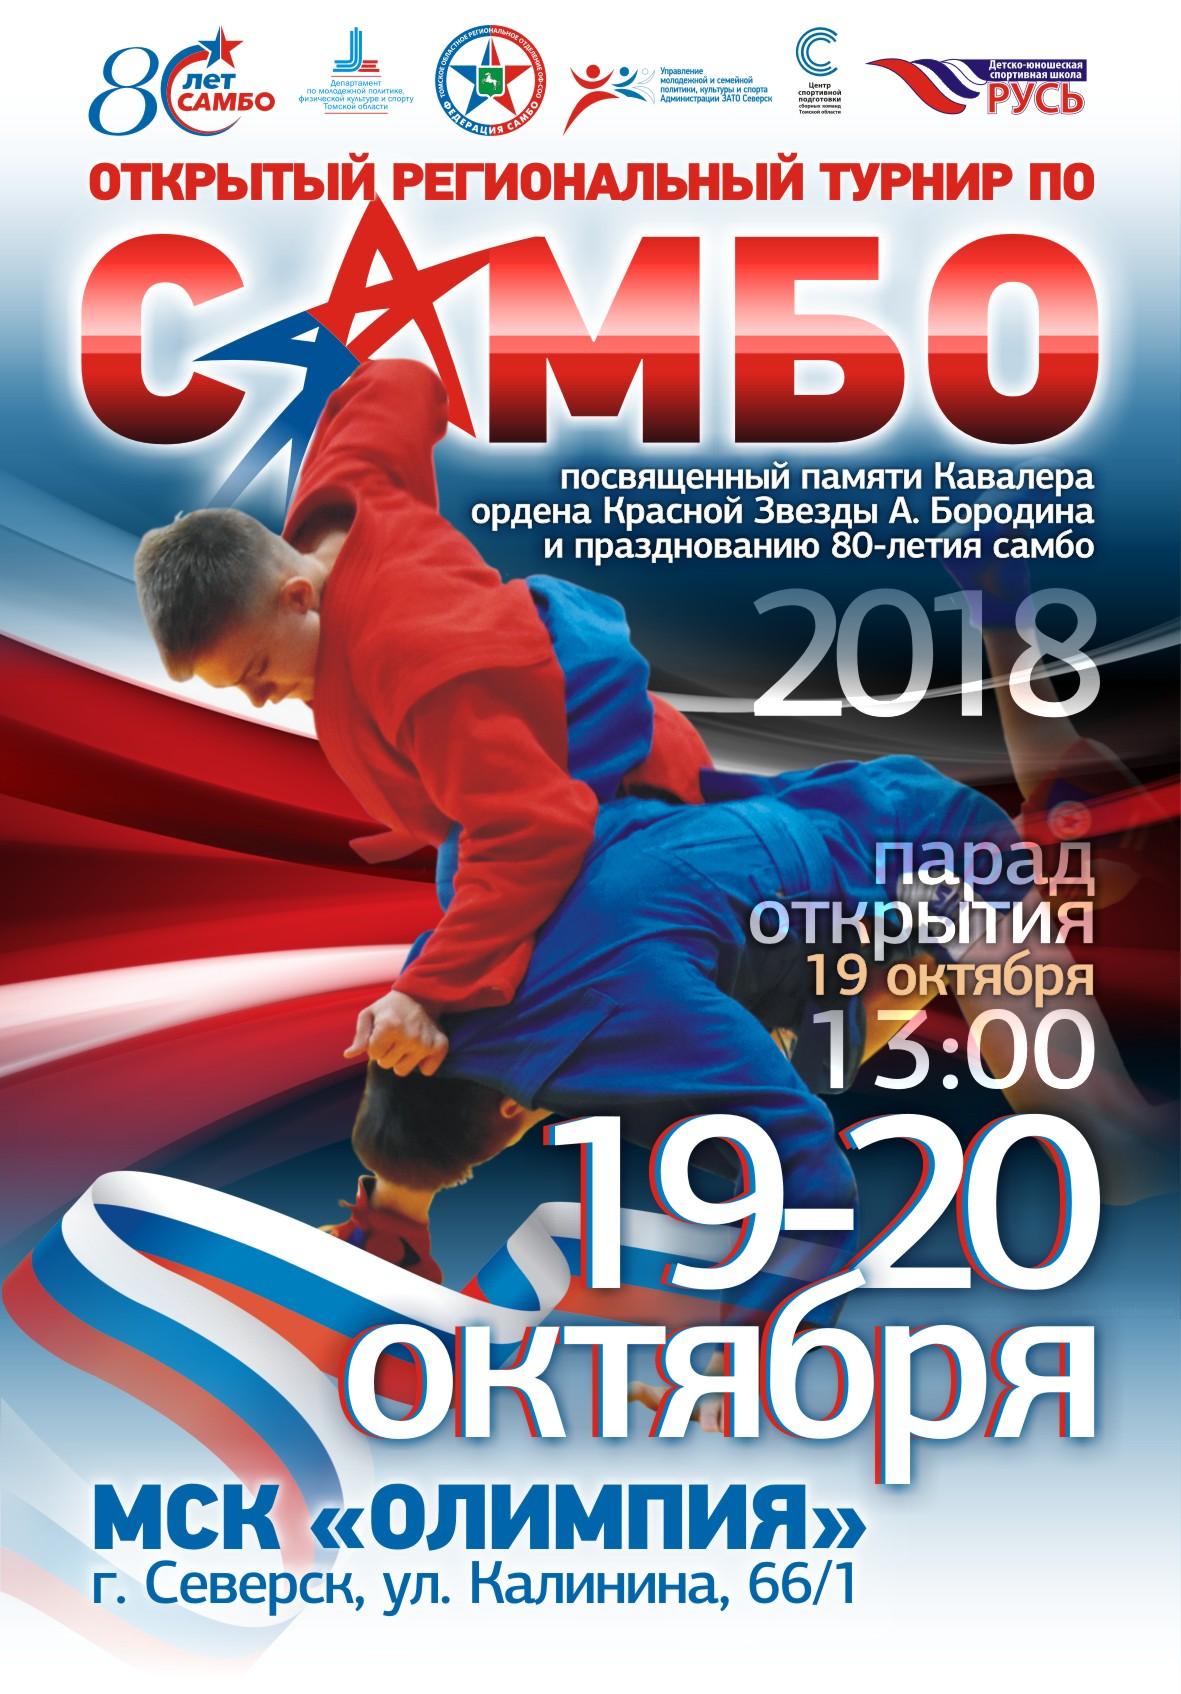 Открытый региональный турнир по самбо